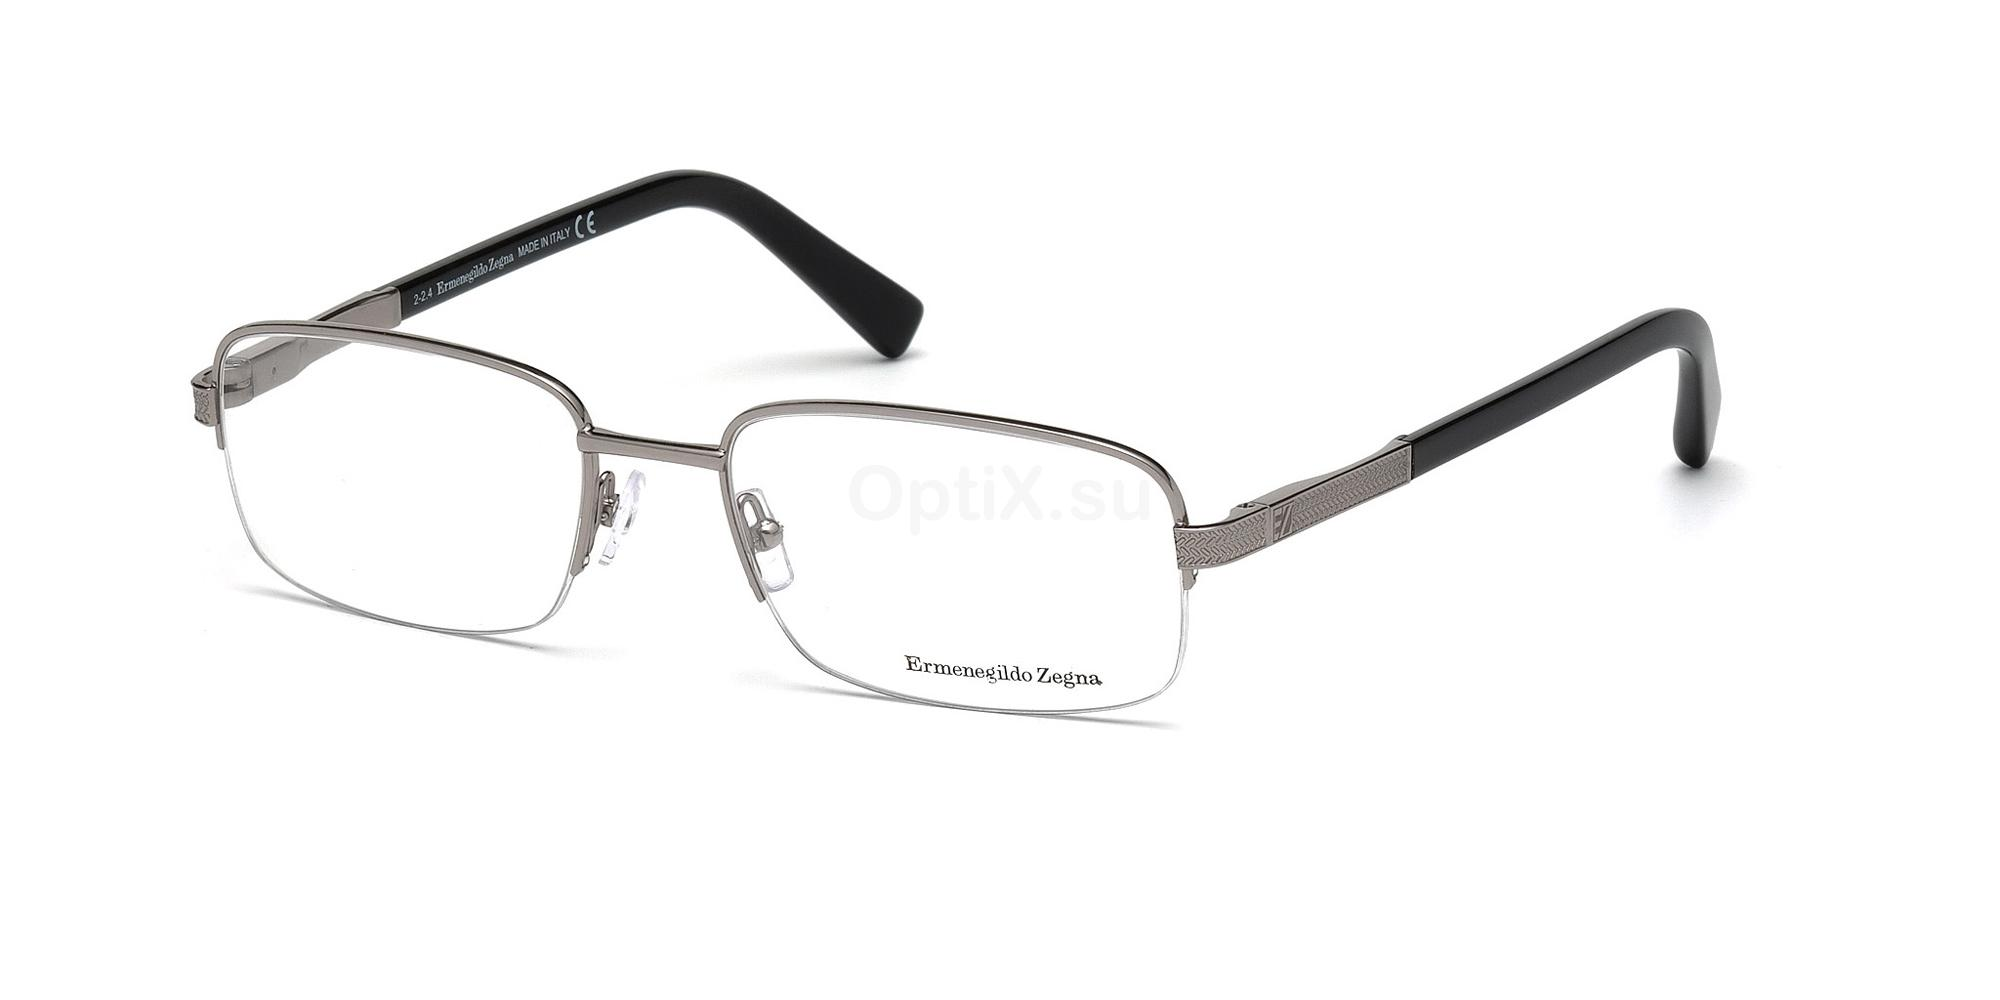 014 EZ5011 Glasses, Ermenegildo Zegna